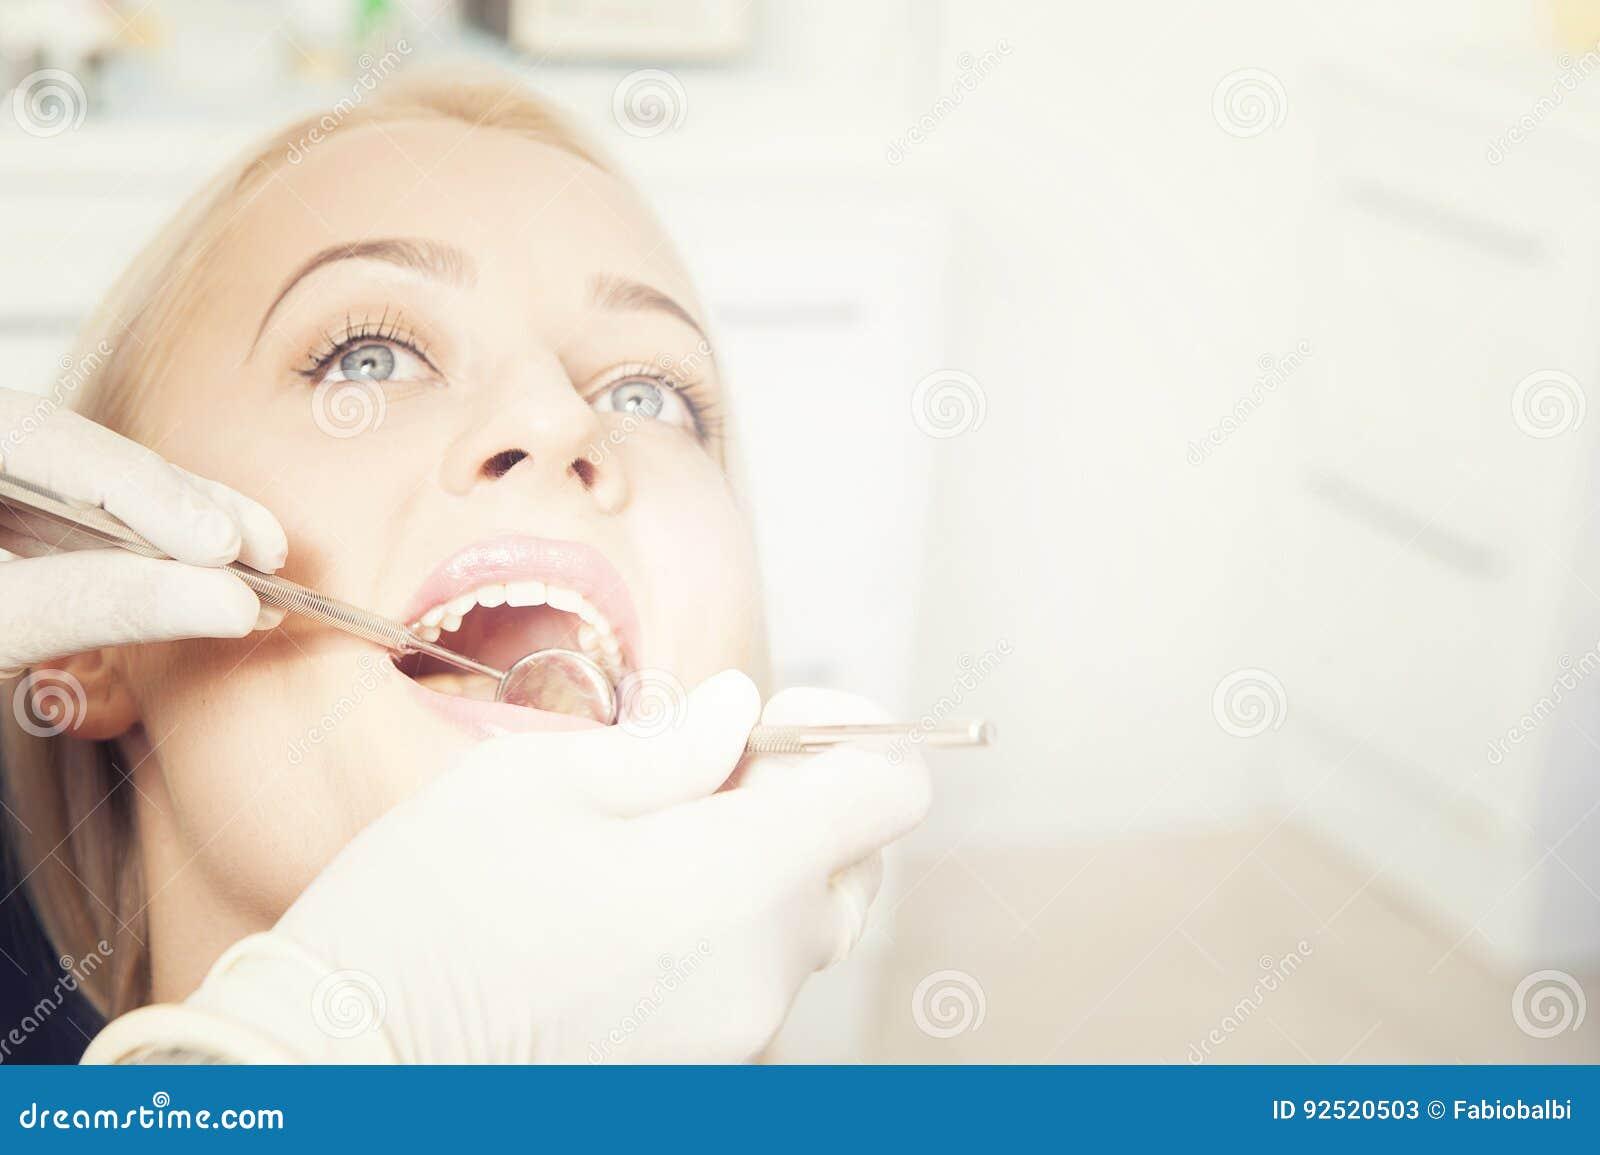 Zahnmedizinische Heilung